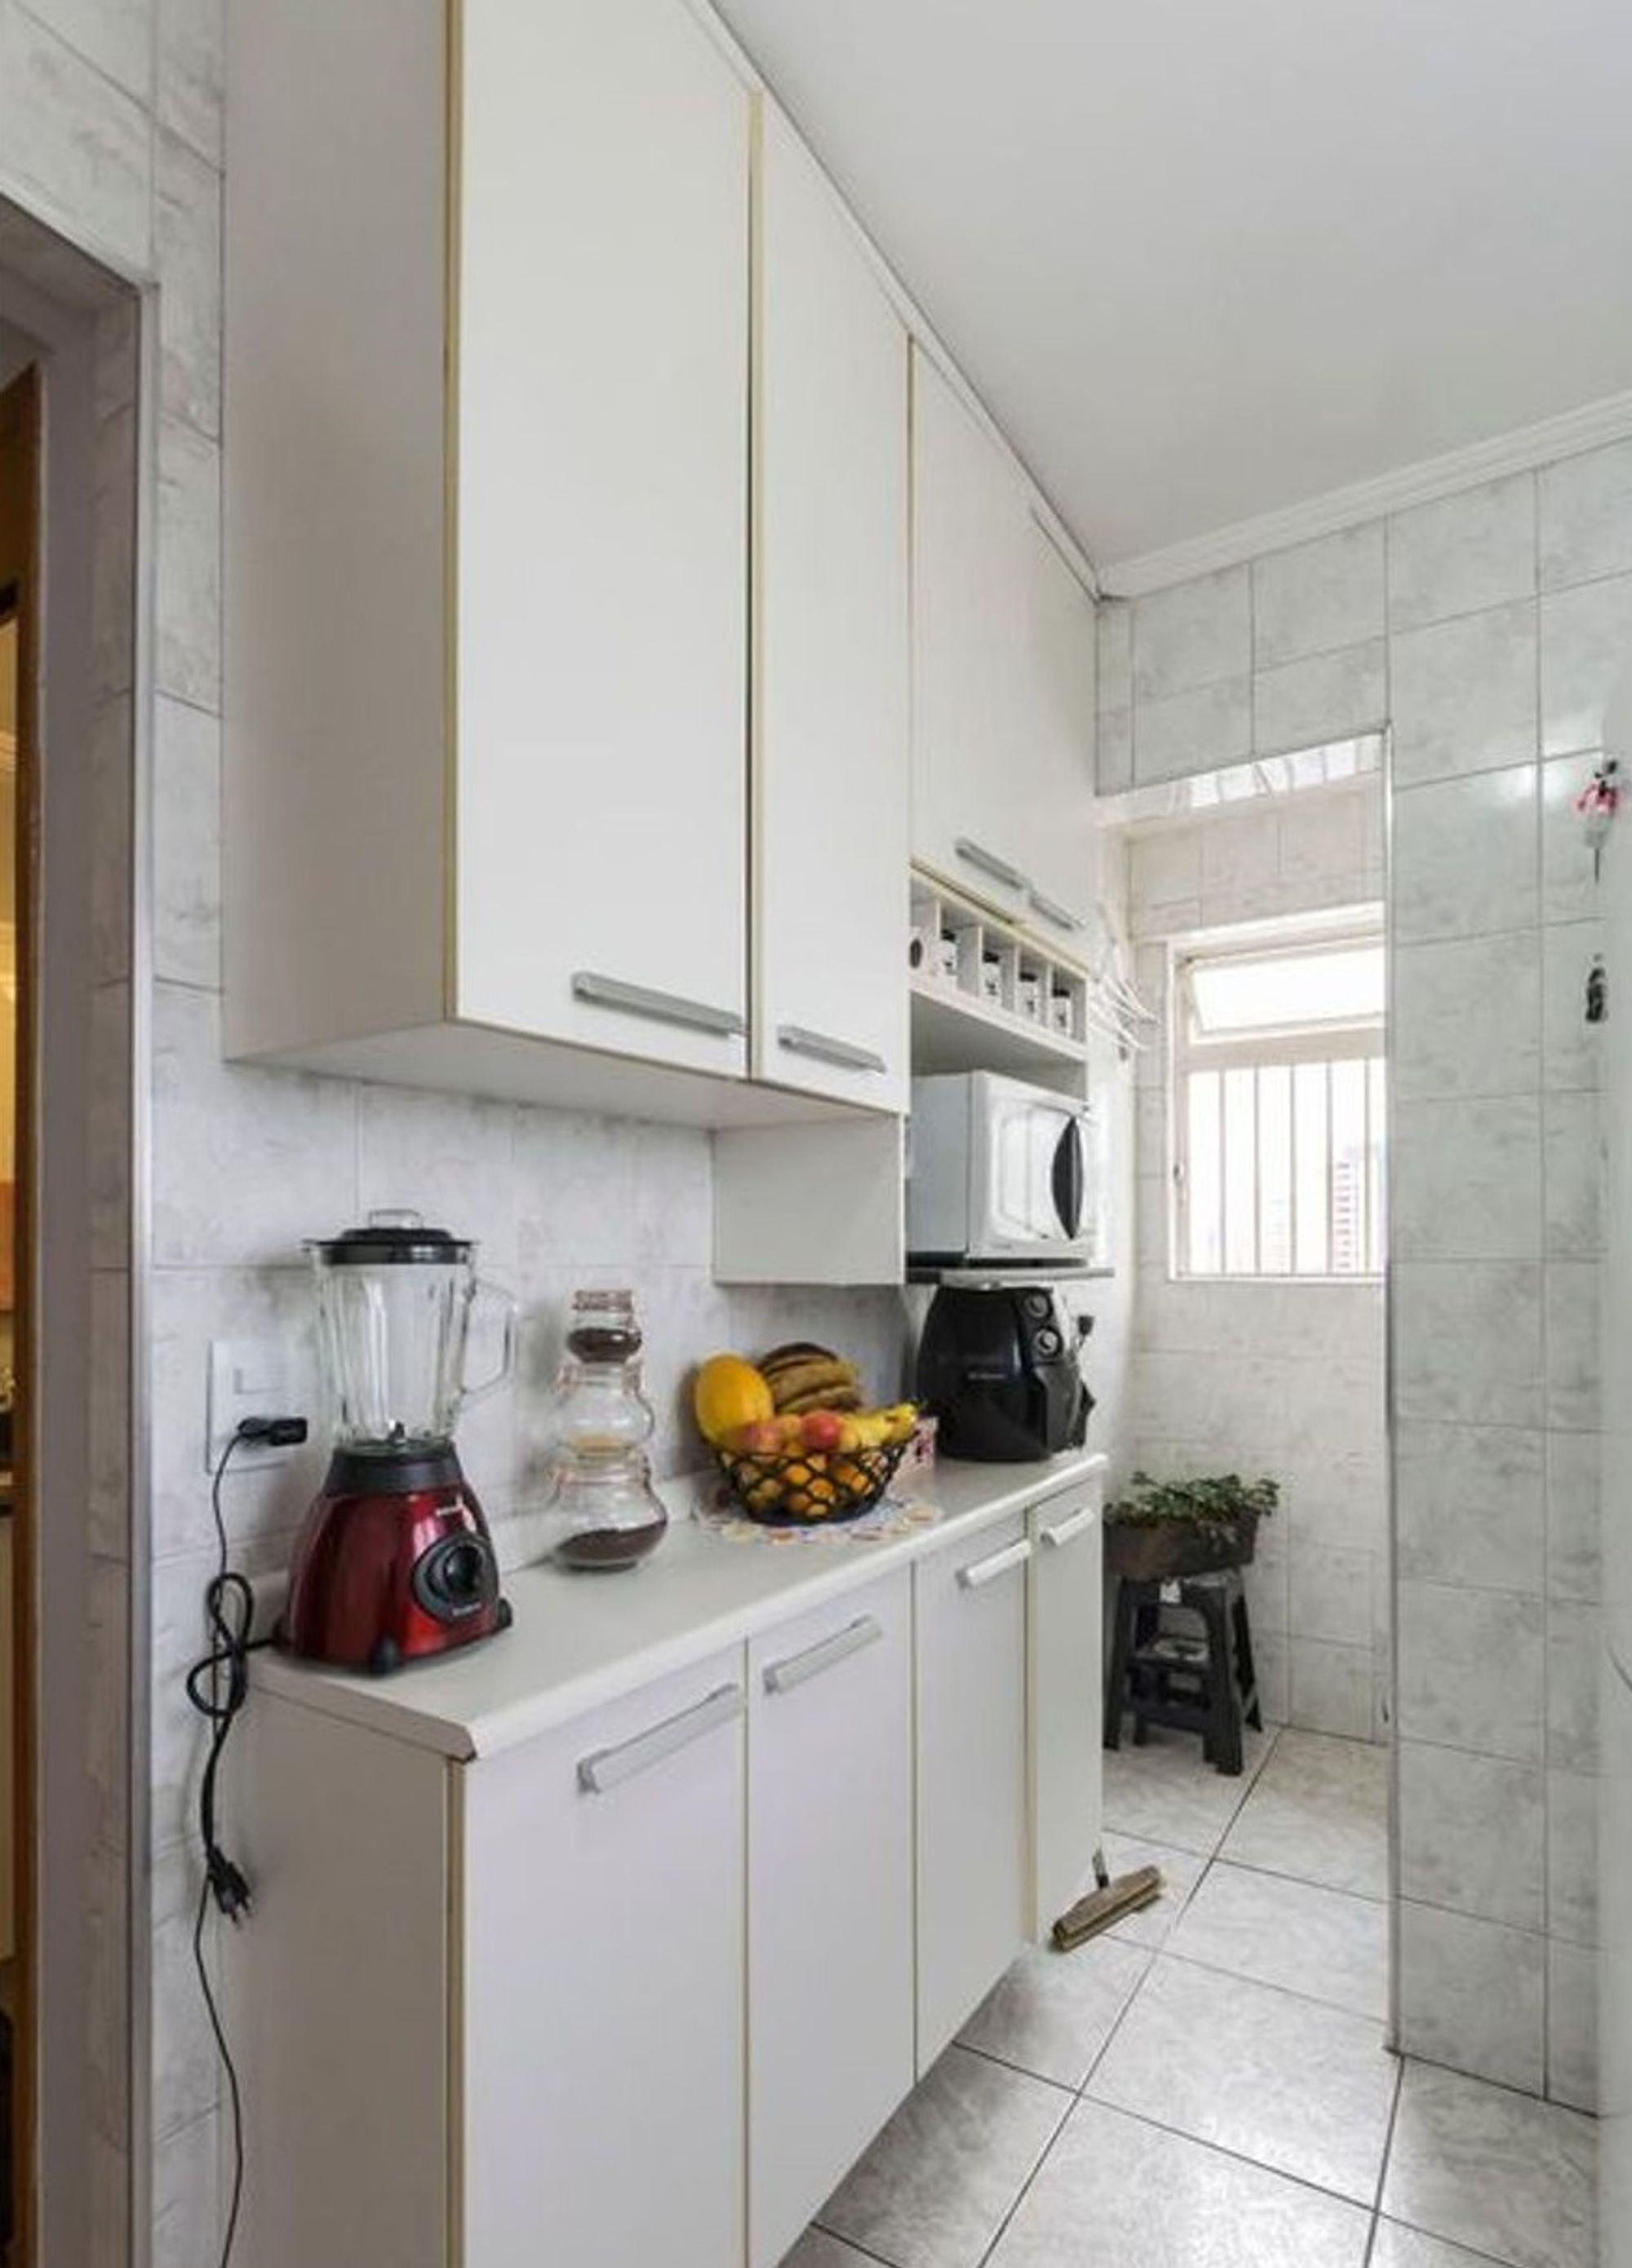 Foto de Cozinha com vaso de planta, microondas